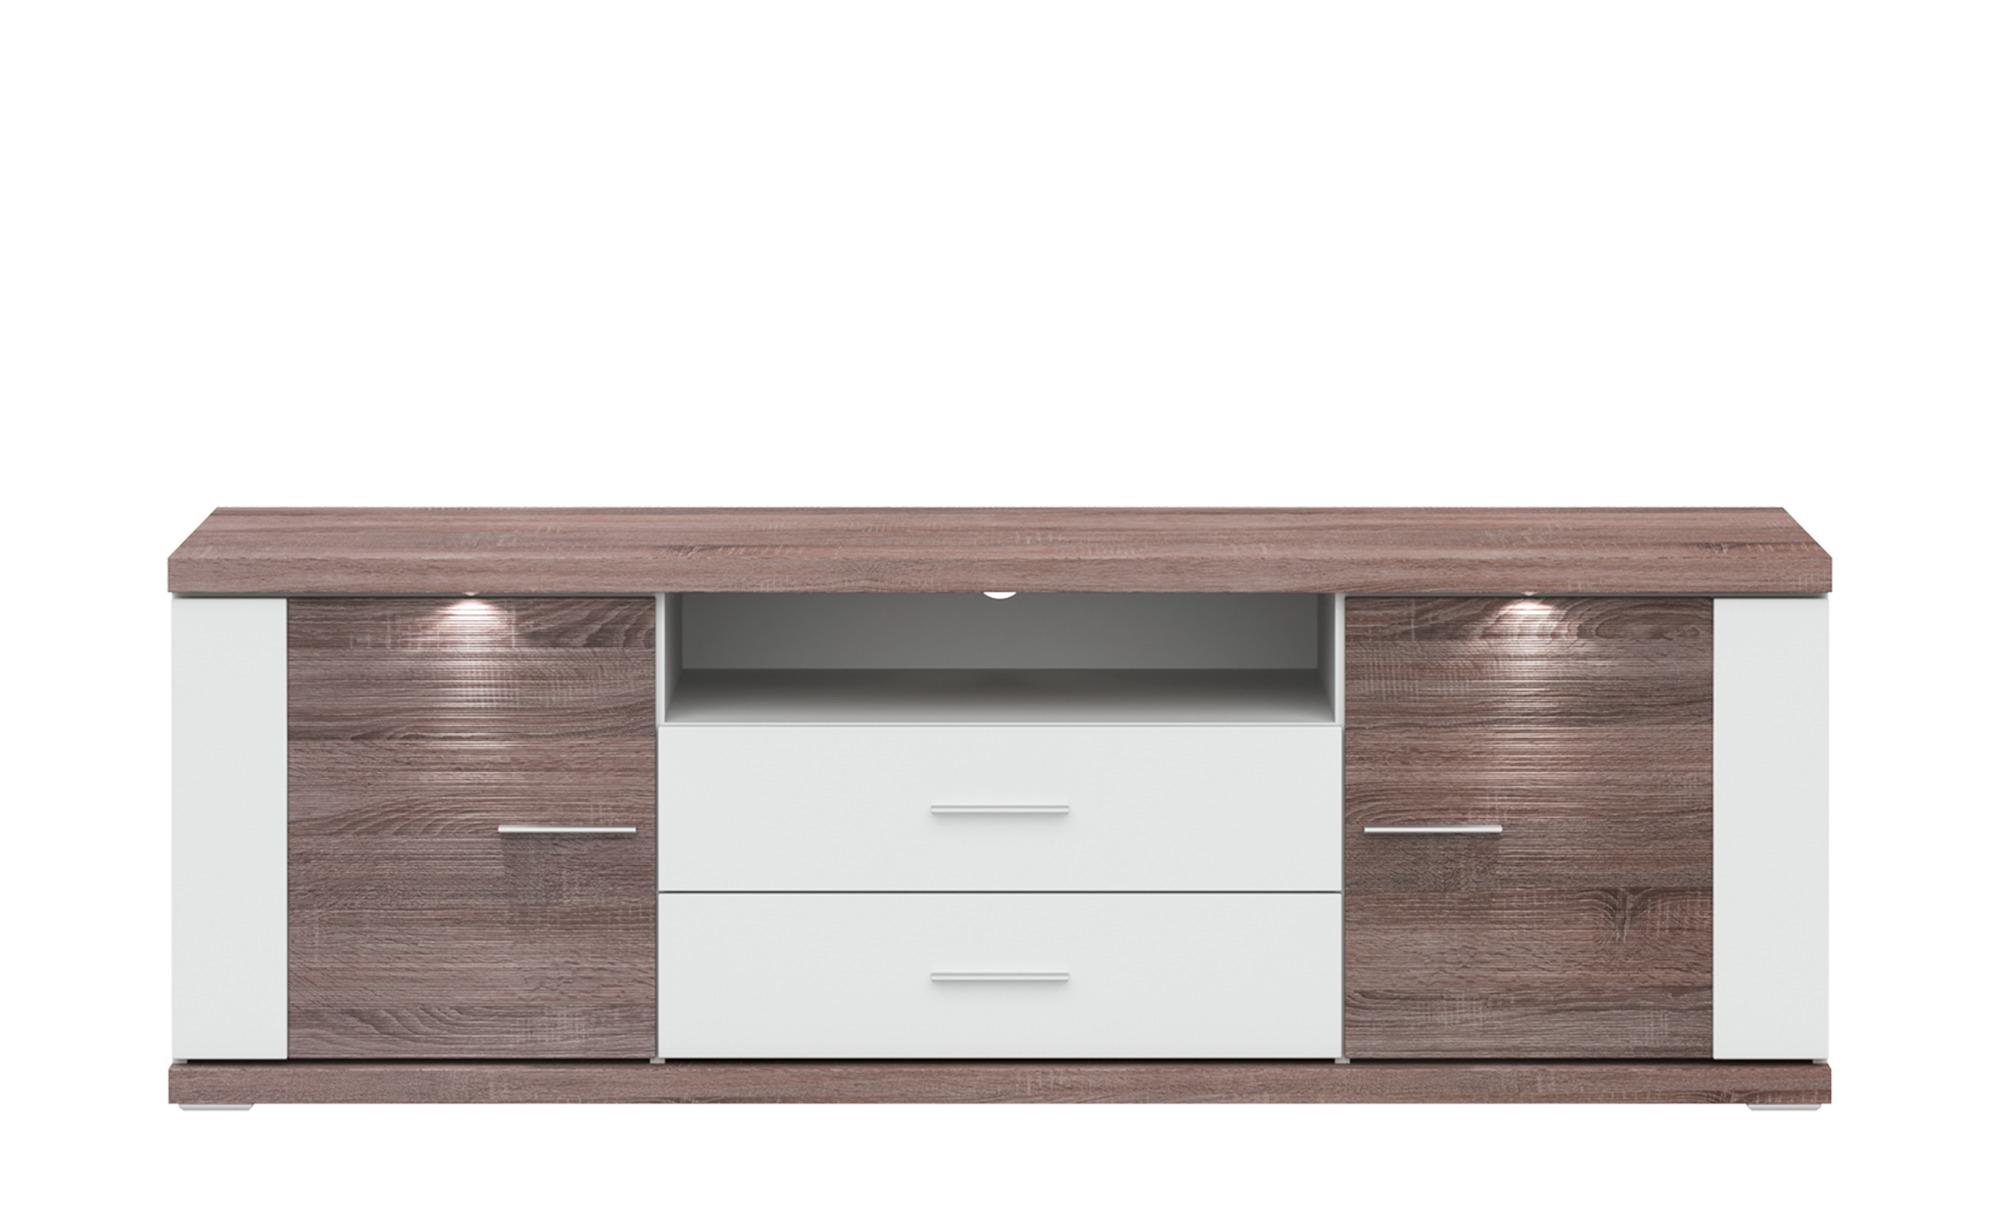 uno TV-Lowboard - holzfarben - 180 cm - 60 cm - 52 cm - Sconto | Wohnzimmer > TV-HiFi-Möbel > TV-Lowboards | uno